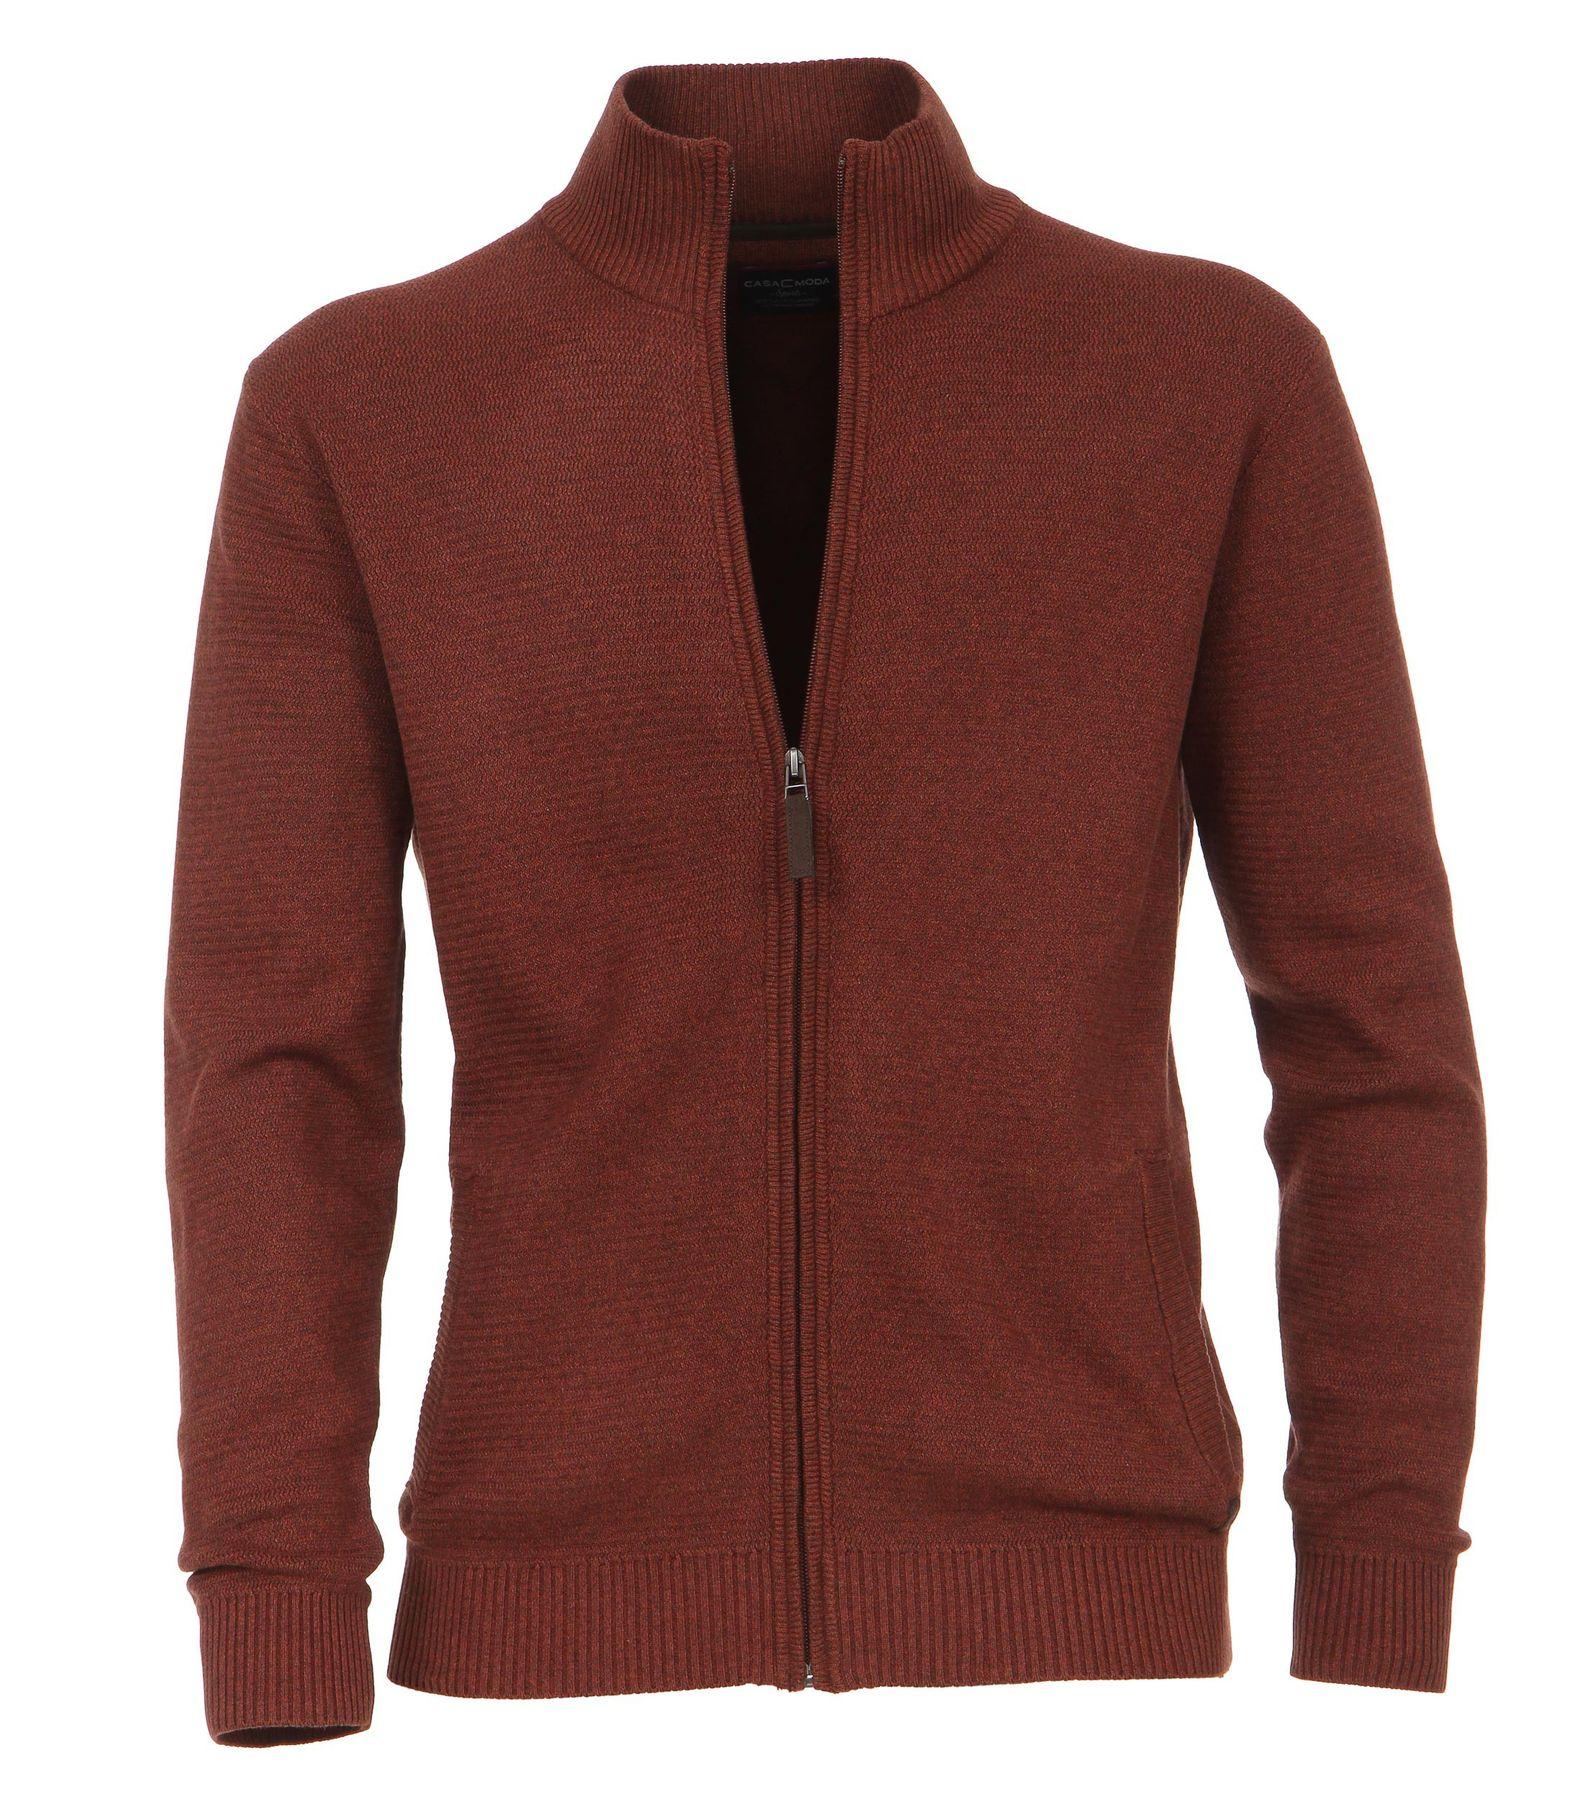 Casa Moda - Herren Strickjacke aus 100% Baumwolle mit Stehkragen (462521300A) – Bild 5